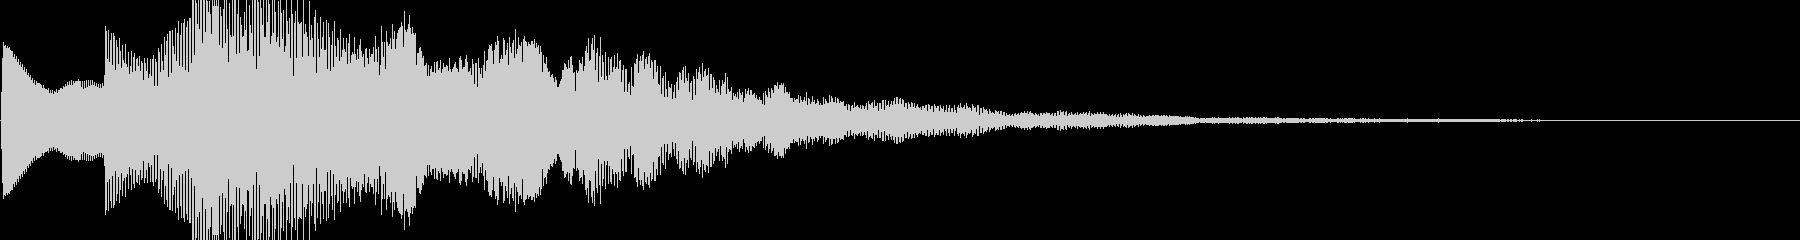 シリアスなスタートボタン音の未再生の波形